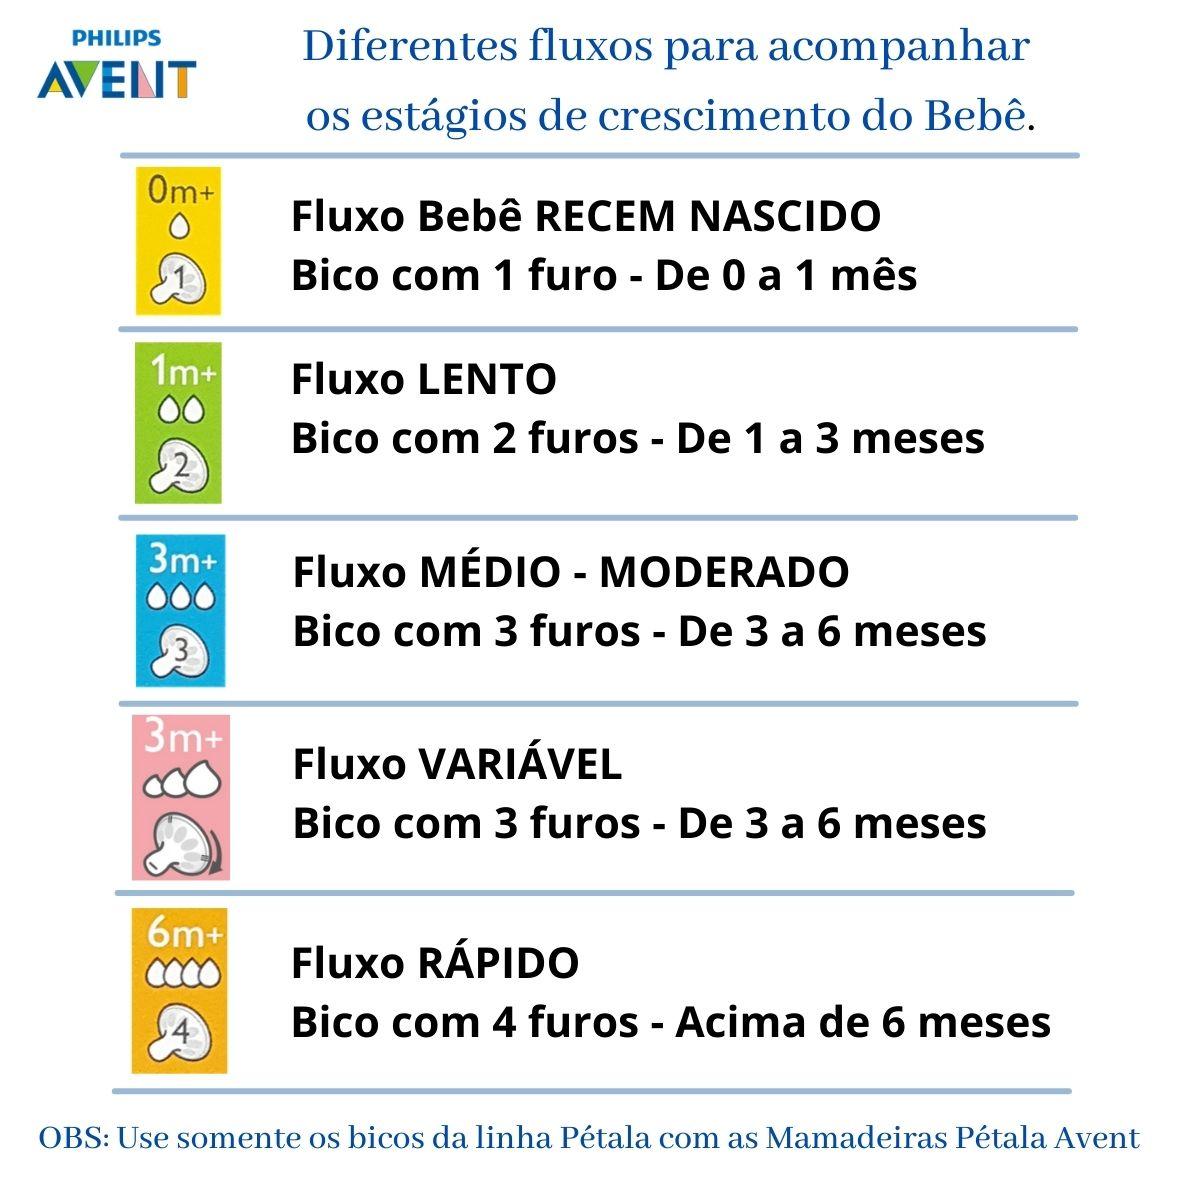 Bico Mamadeira Pétala nº 1 - 0m+ Avent